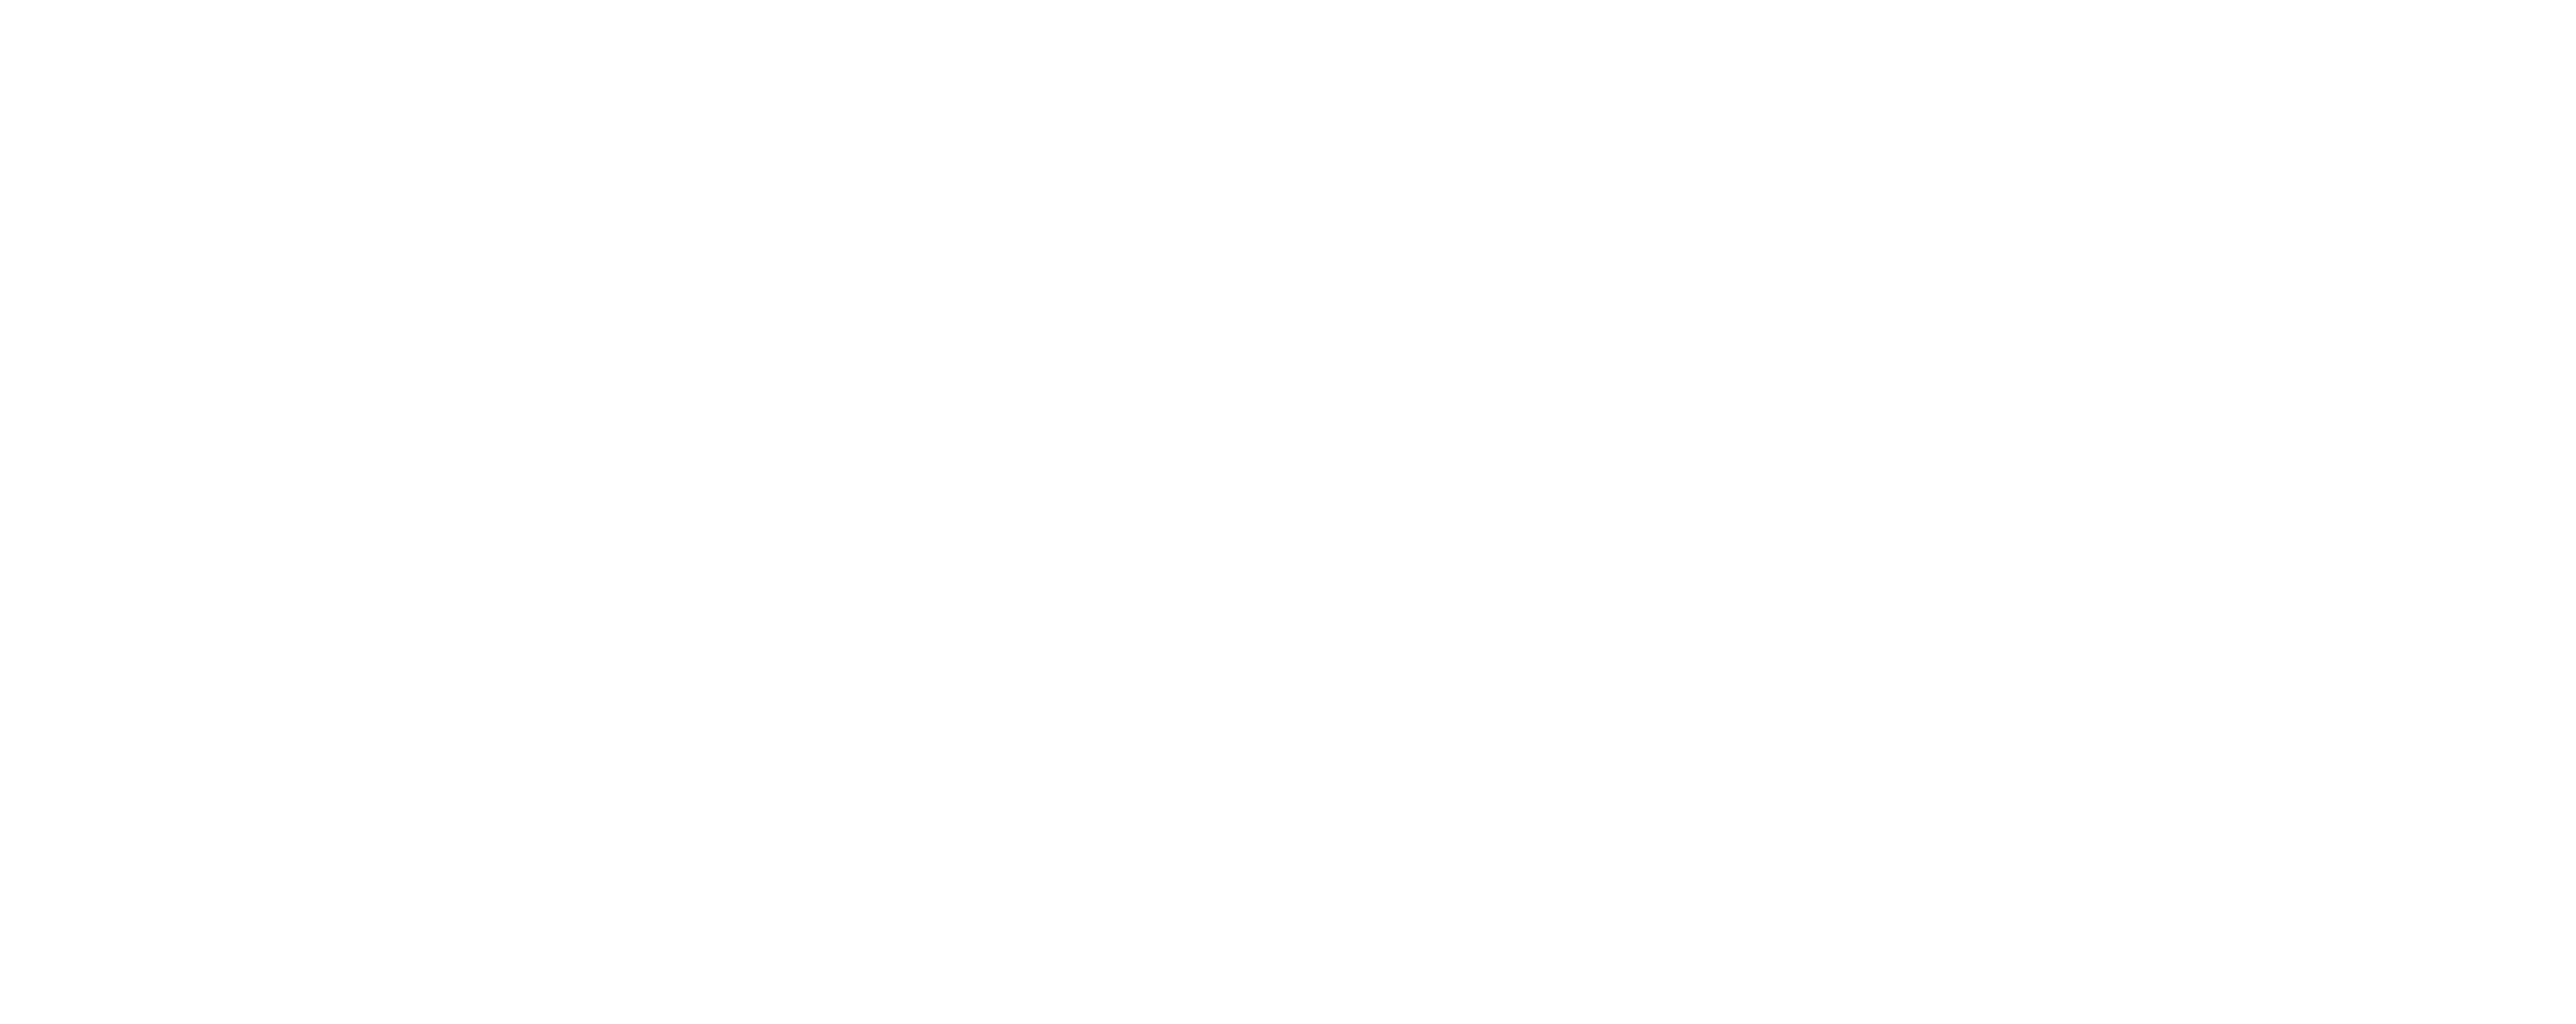 2020 한·세계화상 비즈니스위크 logo